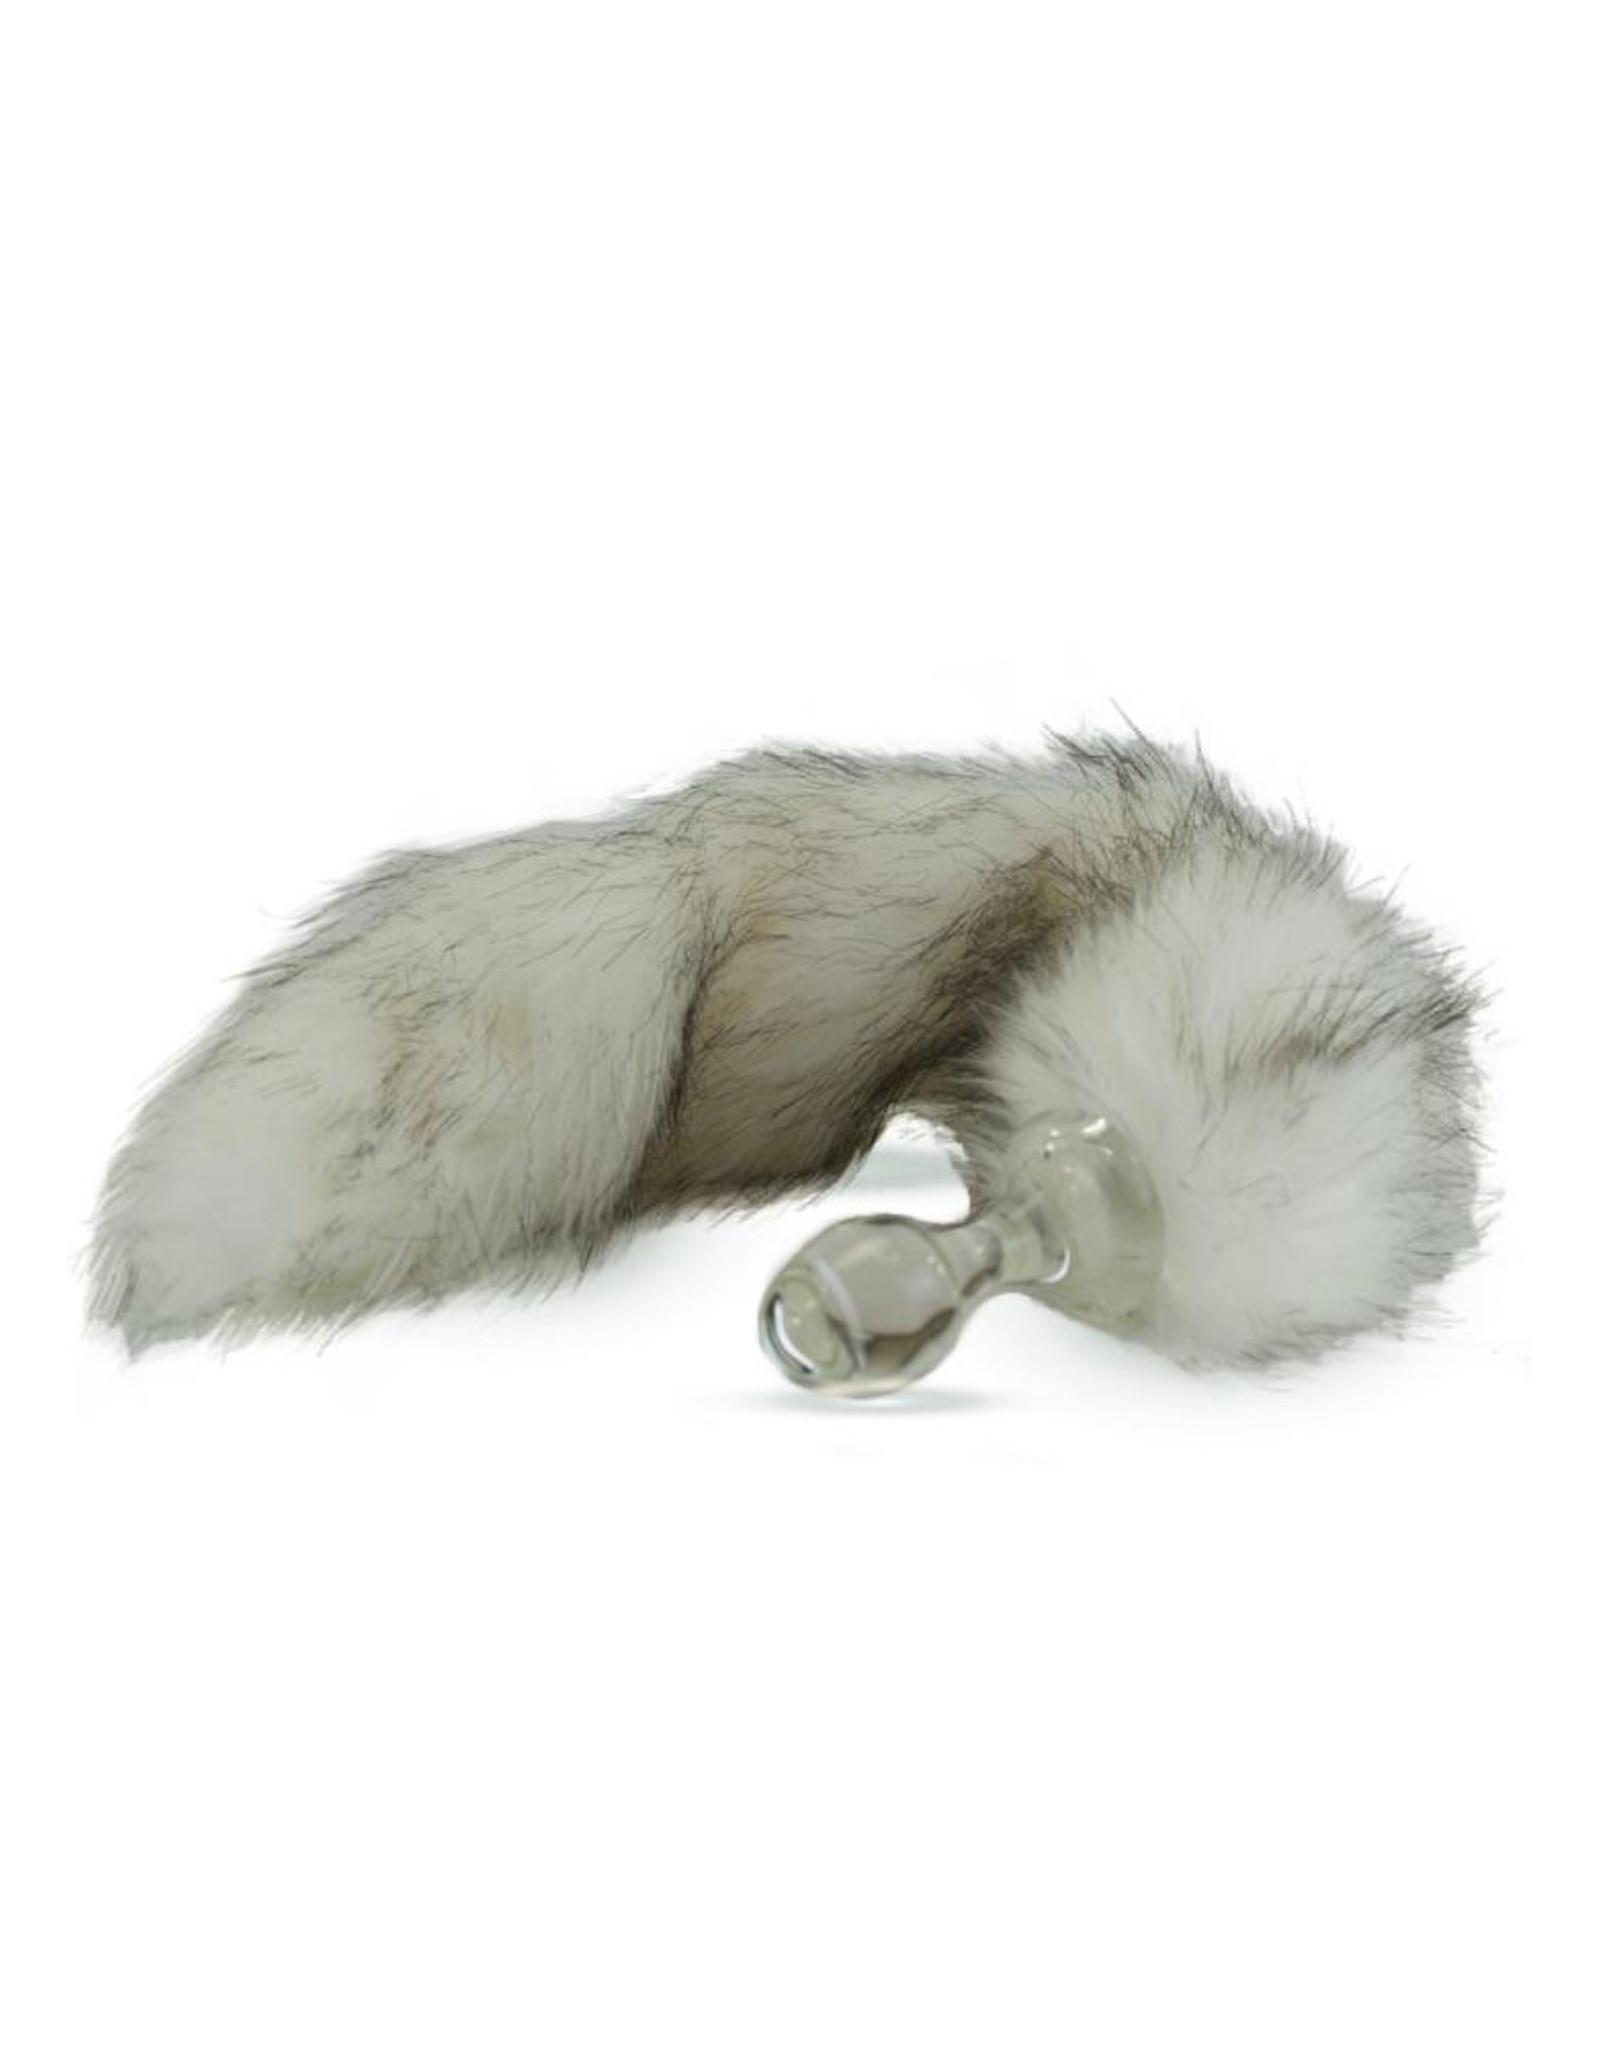 Crystal Delights Crystal Minx Tail Plug- Husky